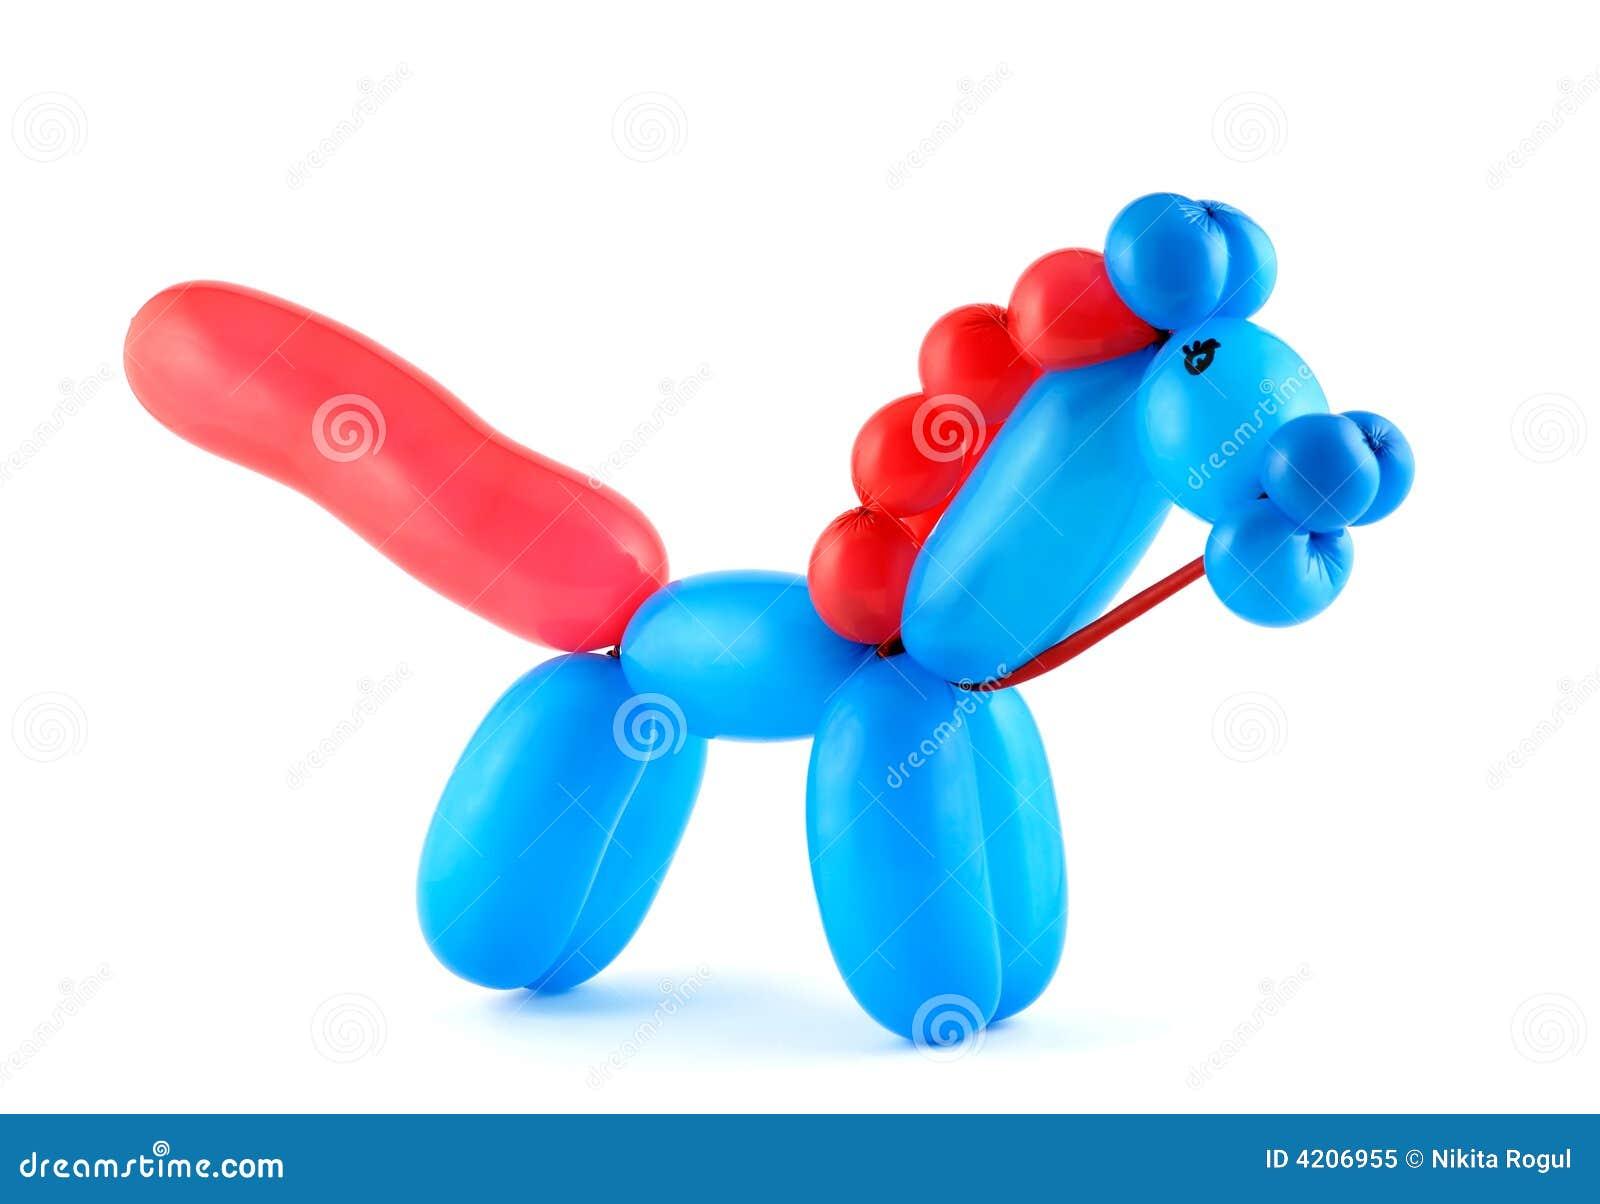 Схемы игрушек из воздушных шариков